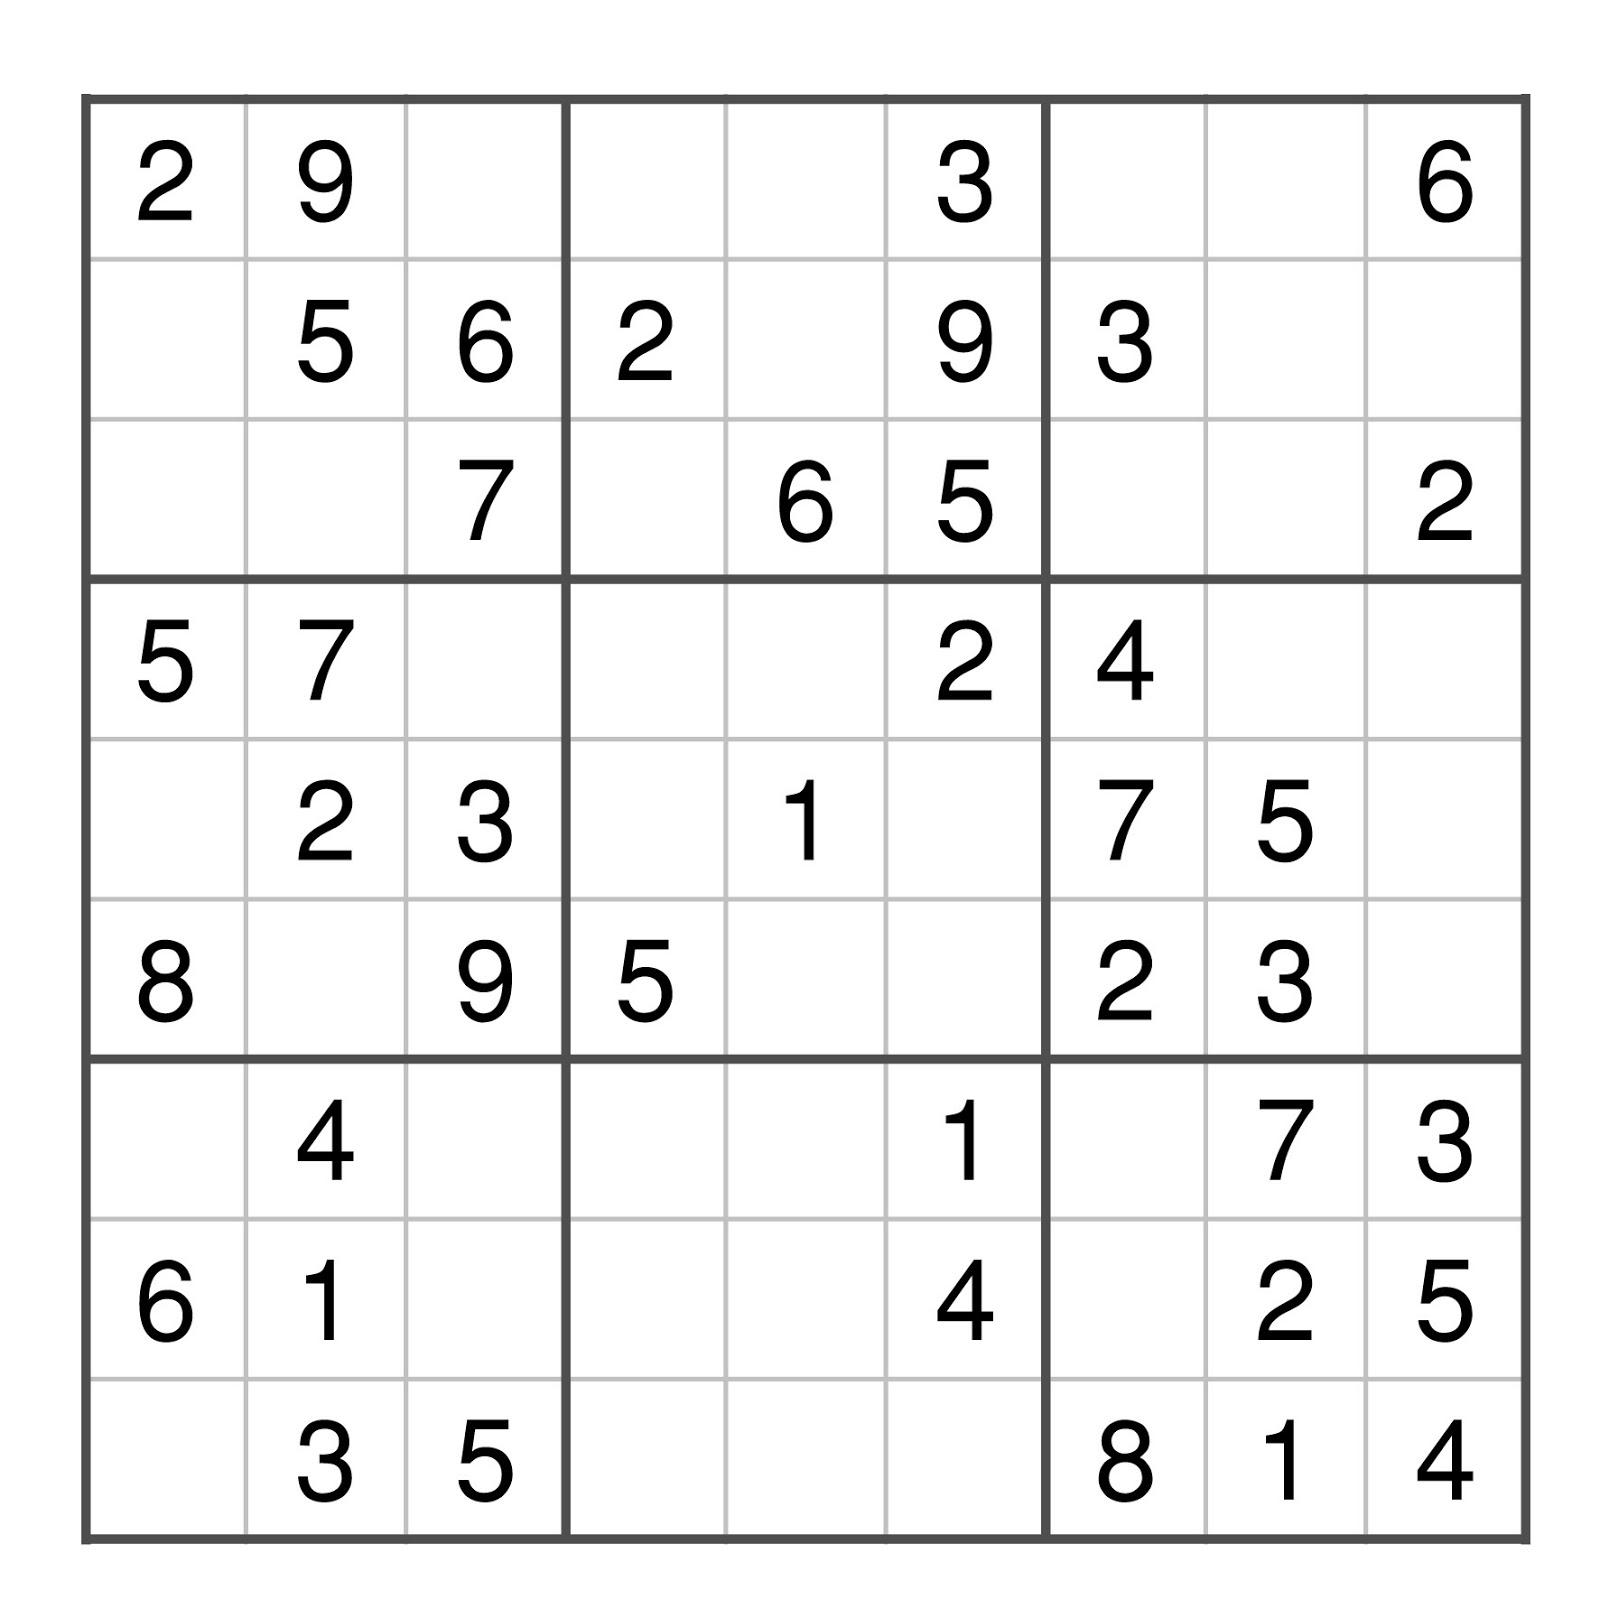 Jeu De Sudoku En Ligne Gratuit intérieur Mots Croisés Gratuits À Imprimer